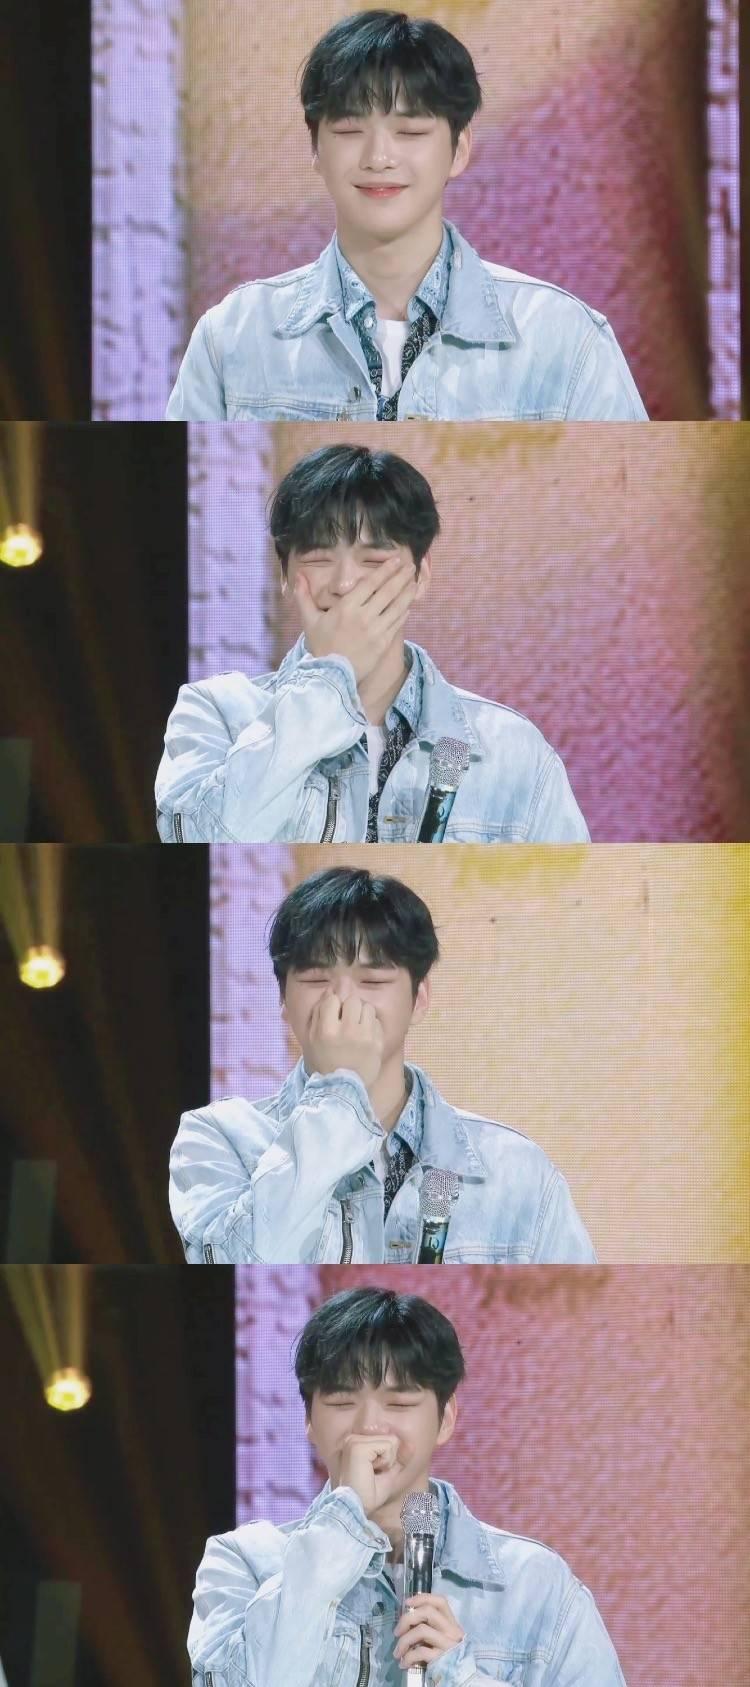 31일(금), 💘강다니엘 KBS2 편스토랑 스페셜 MC💘 | 인스티즈